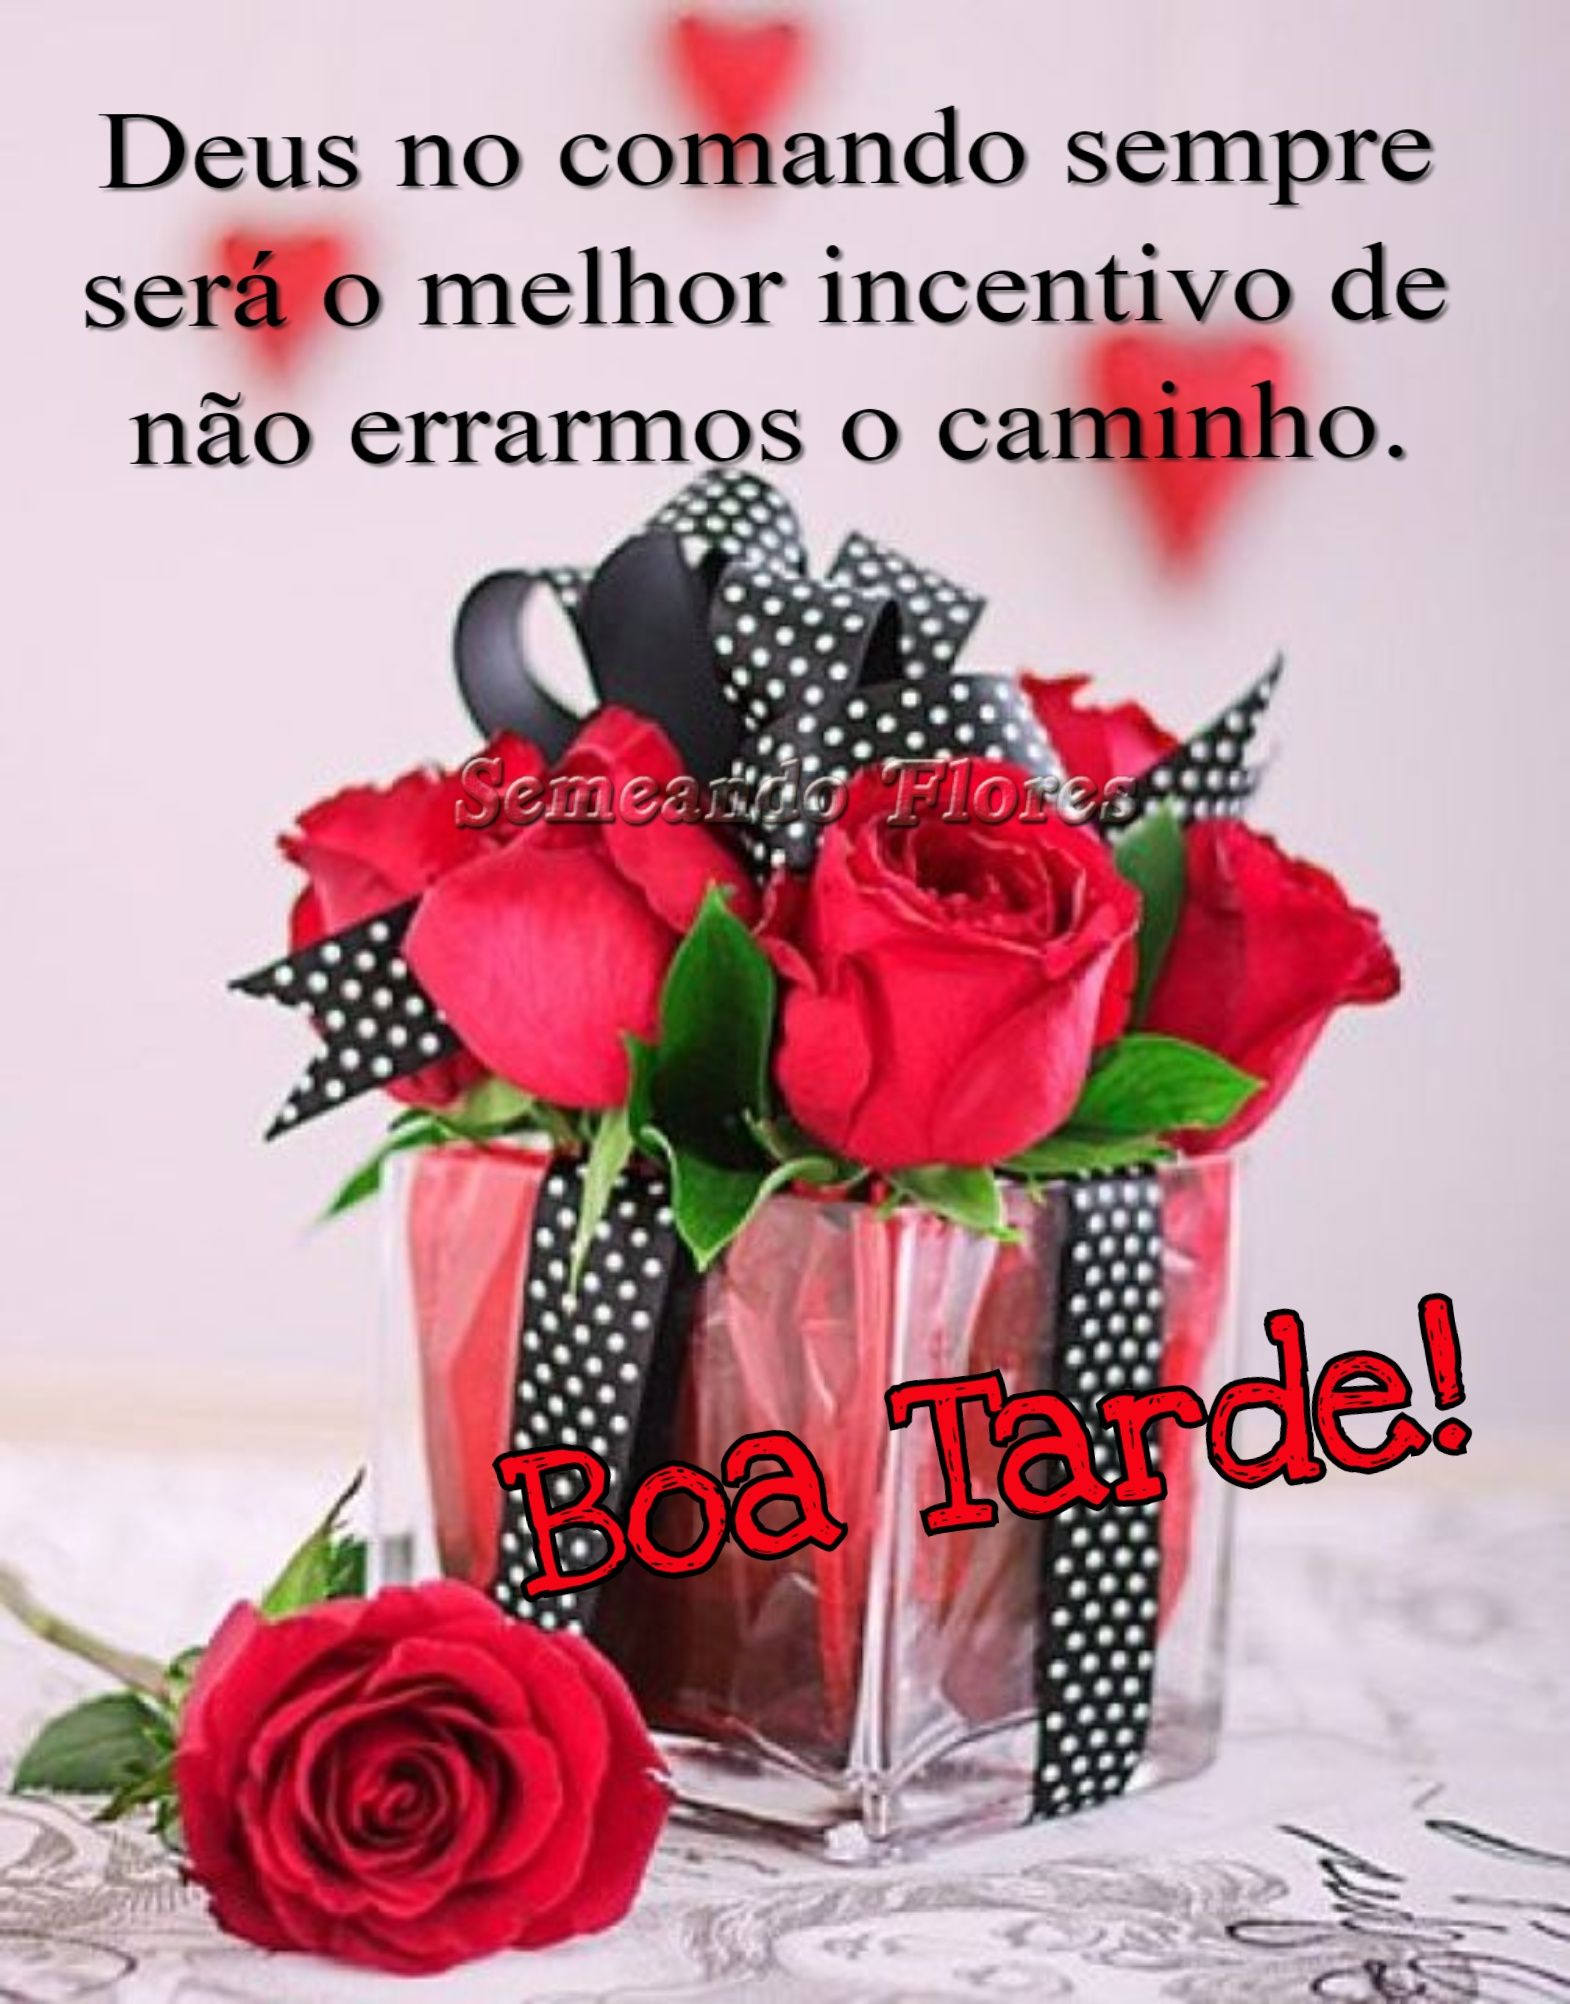 Imagem De 01 Bom Dia Boa Tarde E Boa Noite Por Andreia Alves